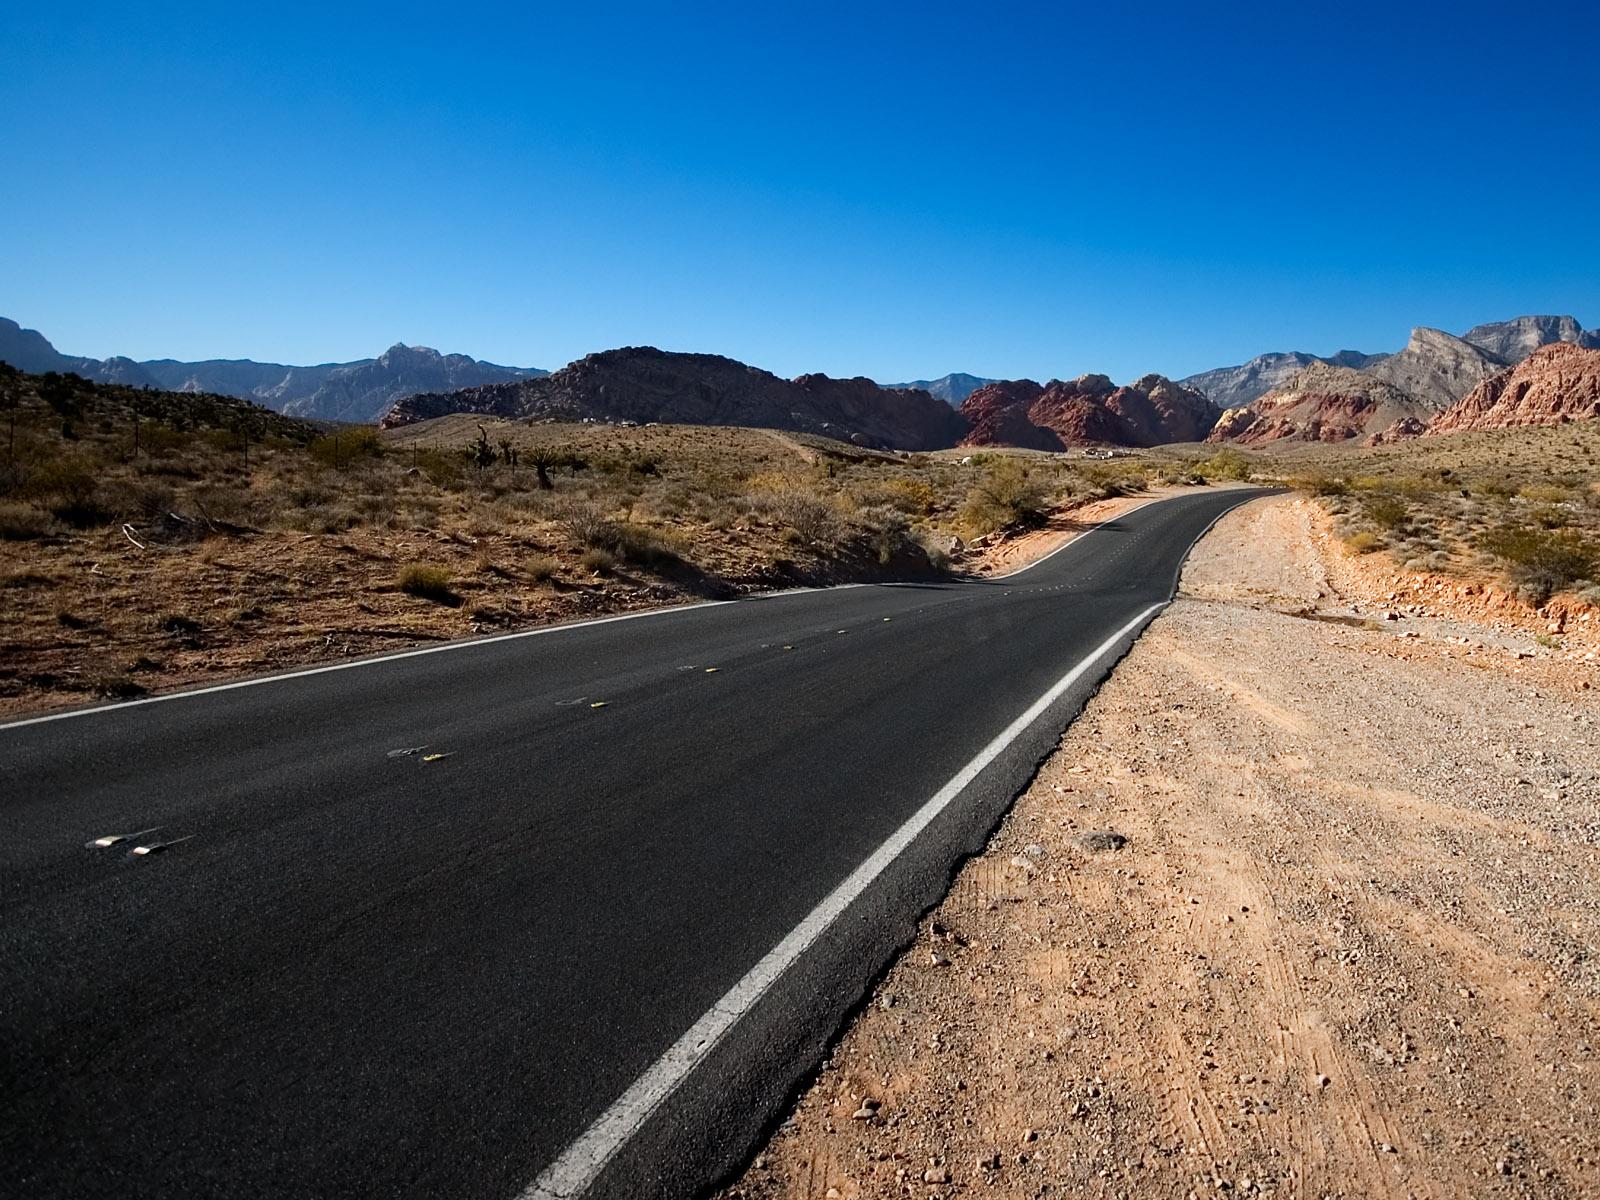 http://4.bp.blogspot.com/-XEQddR_8yh8/T_PdqrencxI/AAAAAAAAAYk/sT78Tv5Tz3k/s1600/Nevada_wallpaper.jpg